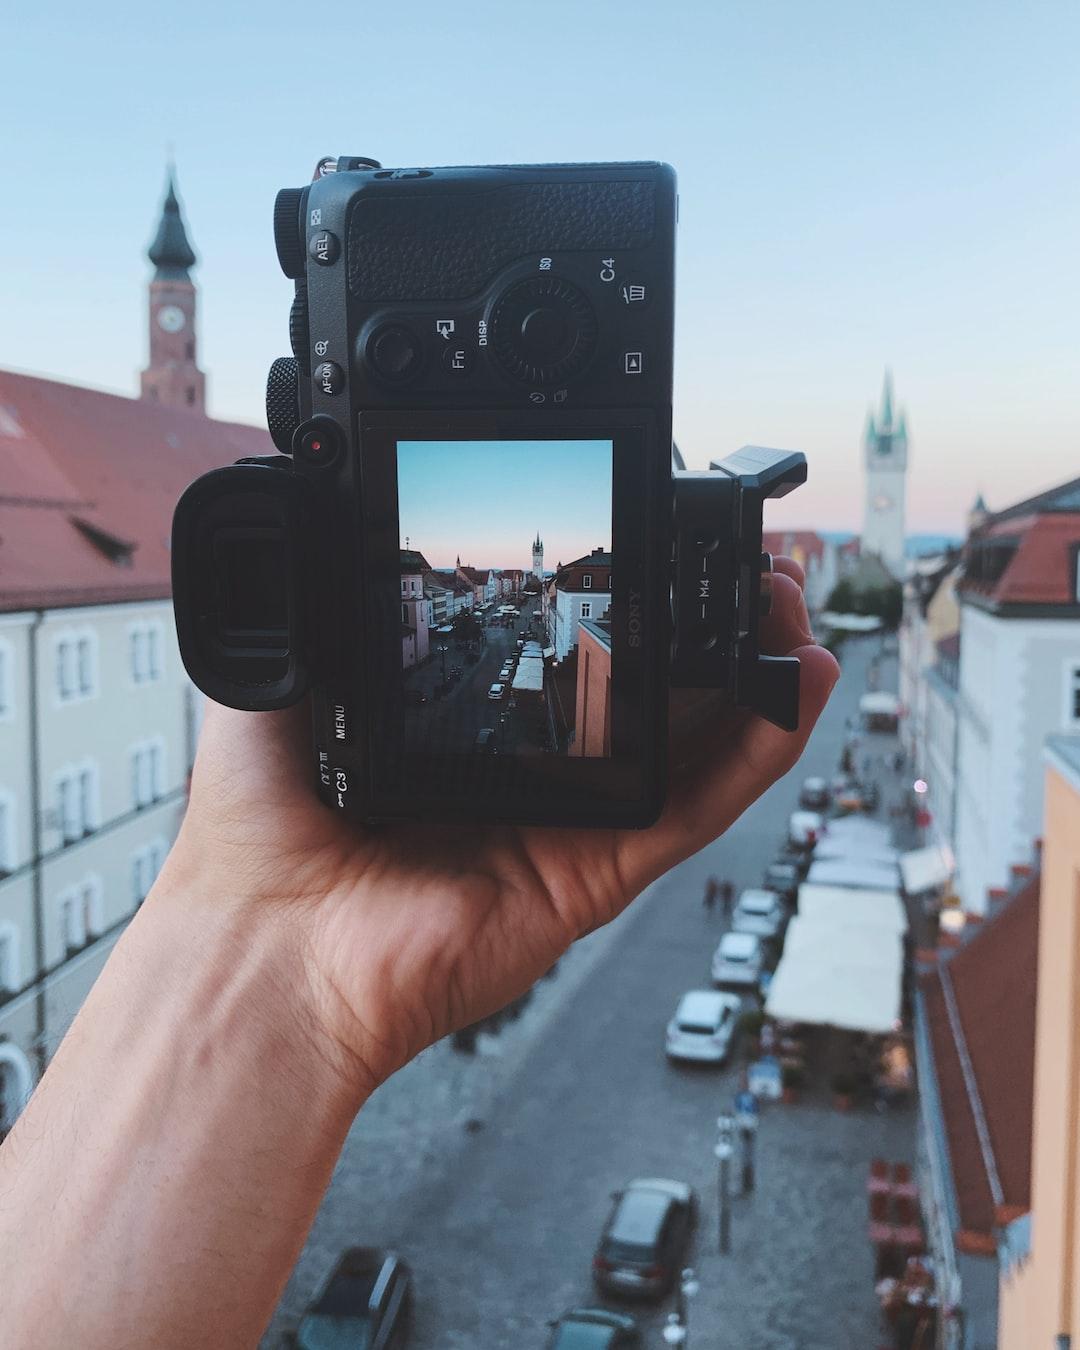 Thanks for looking at my pictures. Visit now my website for more information about 30daysreplay.de (Link in Bio).  Feel free to tag @30daysreplay on Instagram.  Website: https://www.30daysreplay.de Instagram: https://www.instagram.com/30daysreplay/  In English:  Creating Social-Media-Marketing strategies is my passion. I am your partner for image films, editing and PR.  In German: Social-Media-Marketing Strategien zu erstellen ist meine Leidenschaft. Ich bin Ihr Ansprechpartner für Imagefilme, Redaktion und PR.